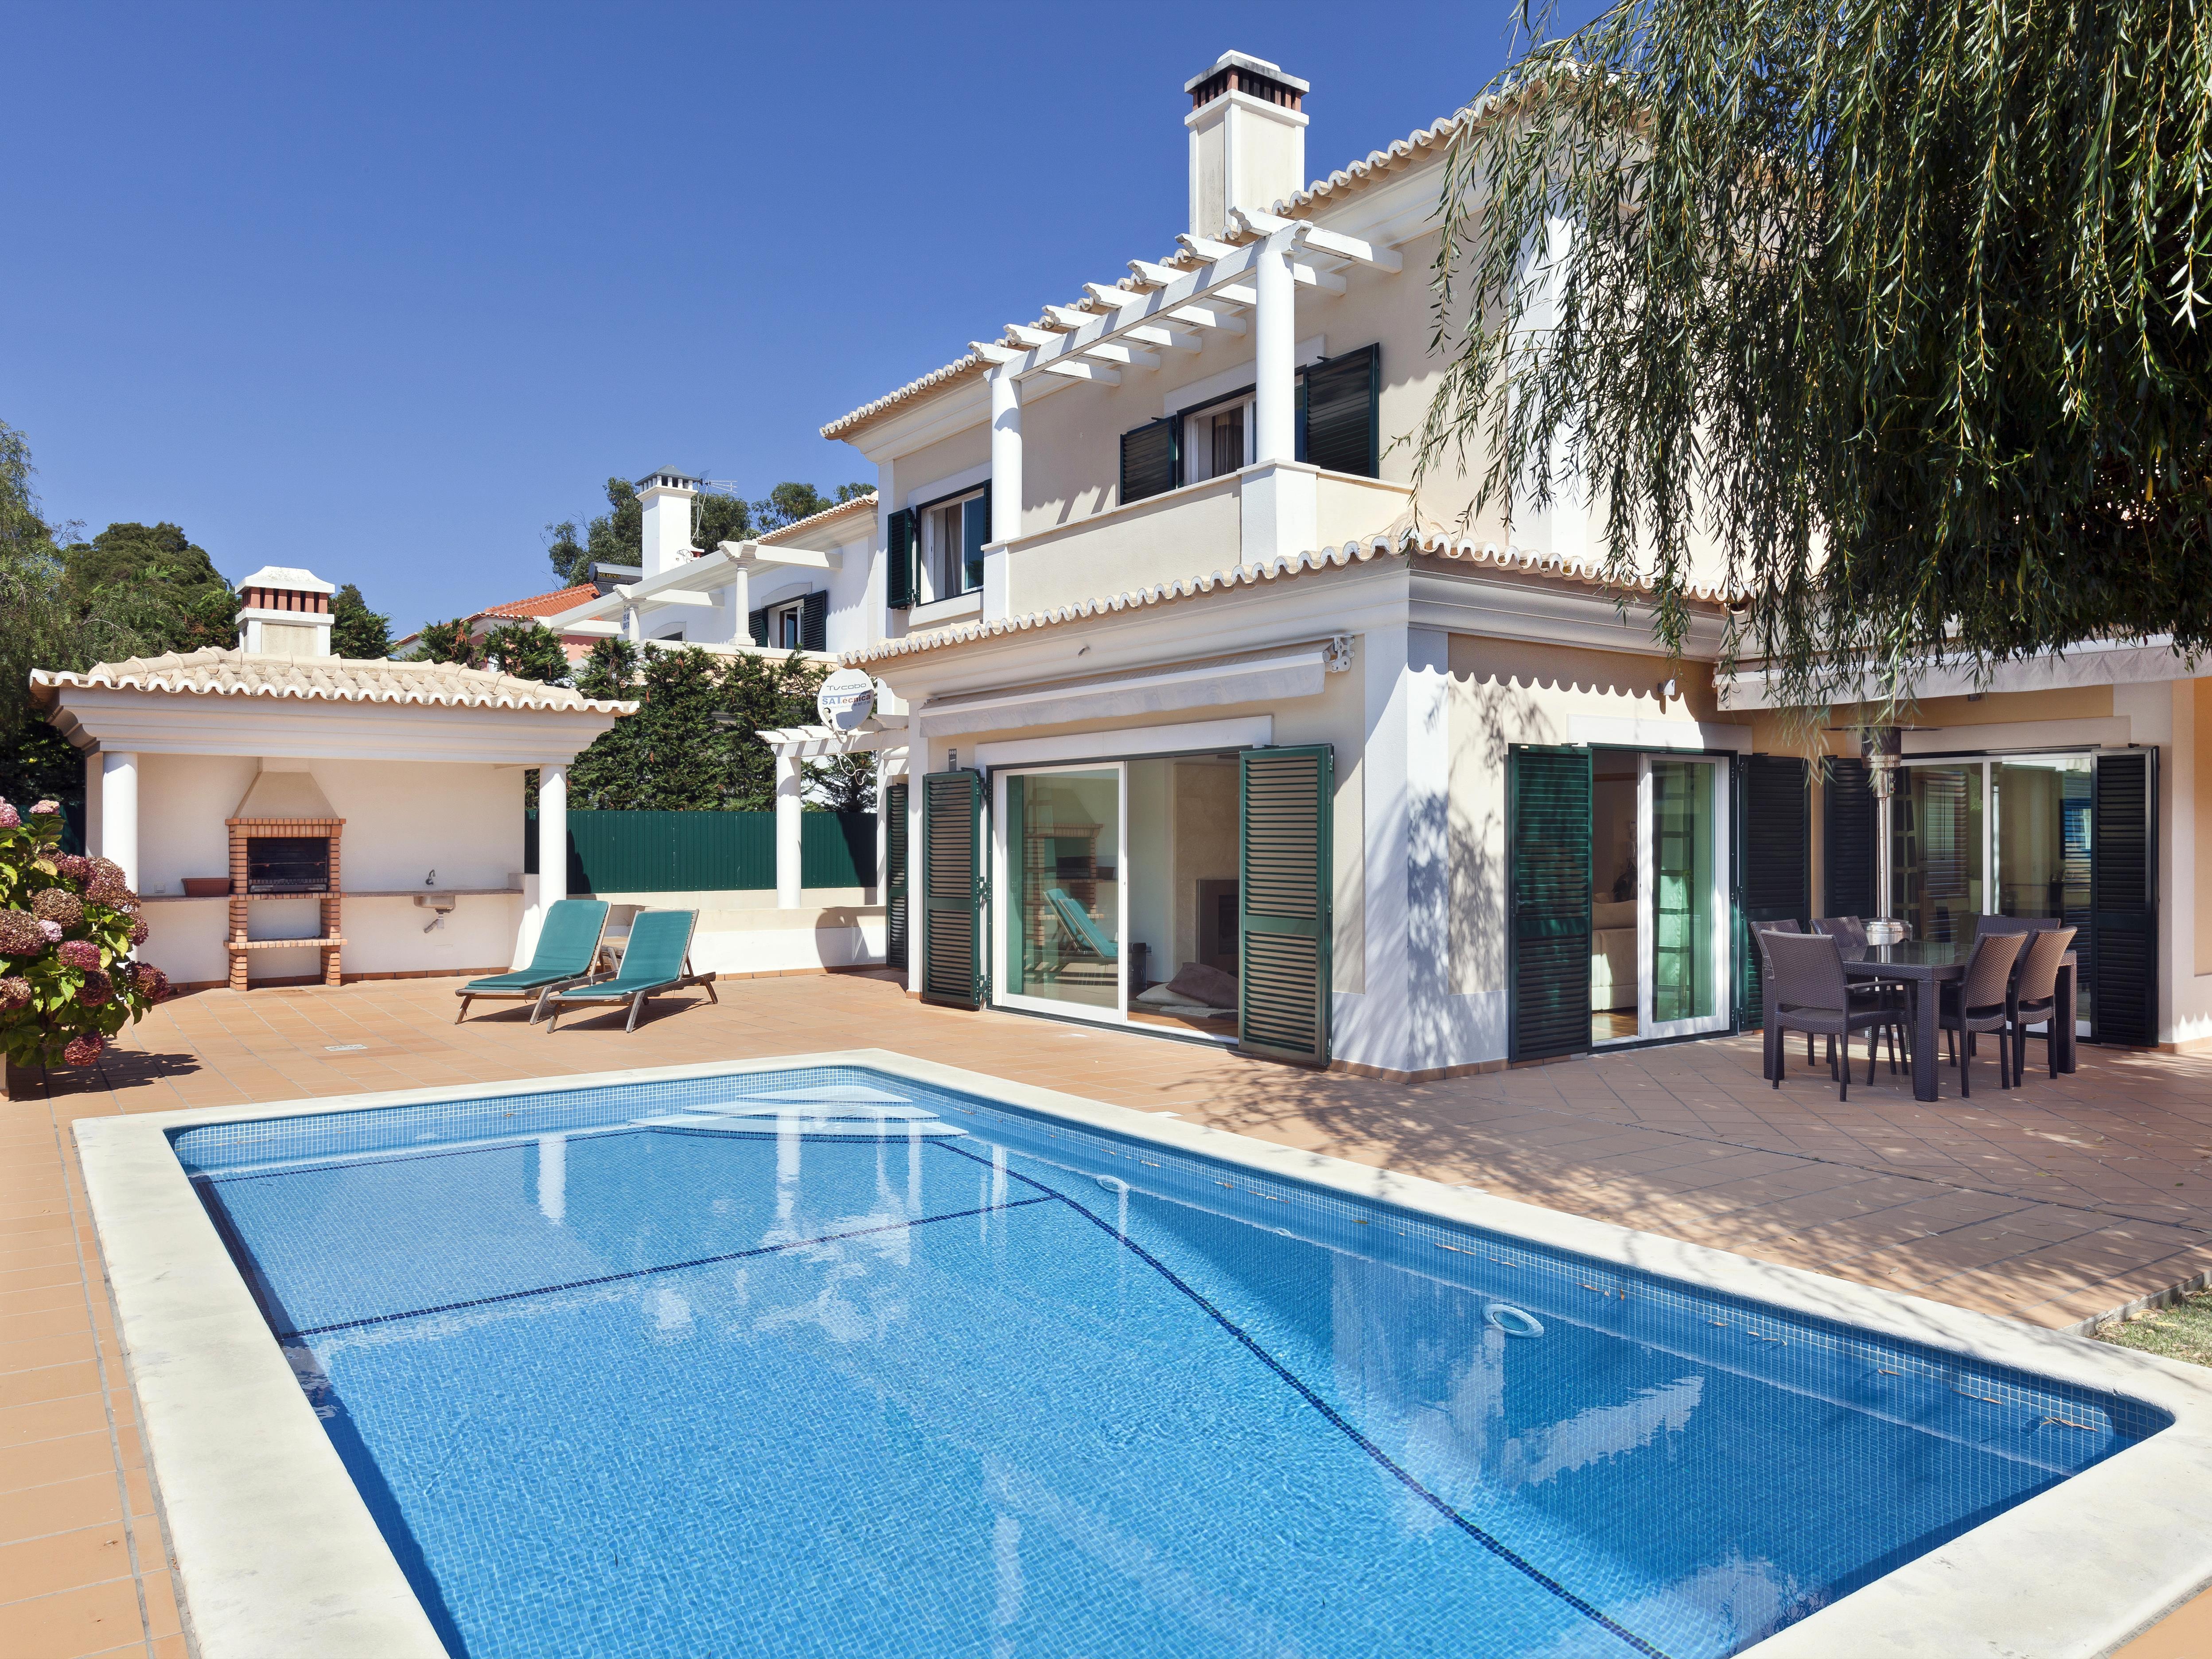 一戸建て のために 売買 アット Detached house, 4 bedrooms, for Sale Cascais, リスボン, - ポルトガル